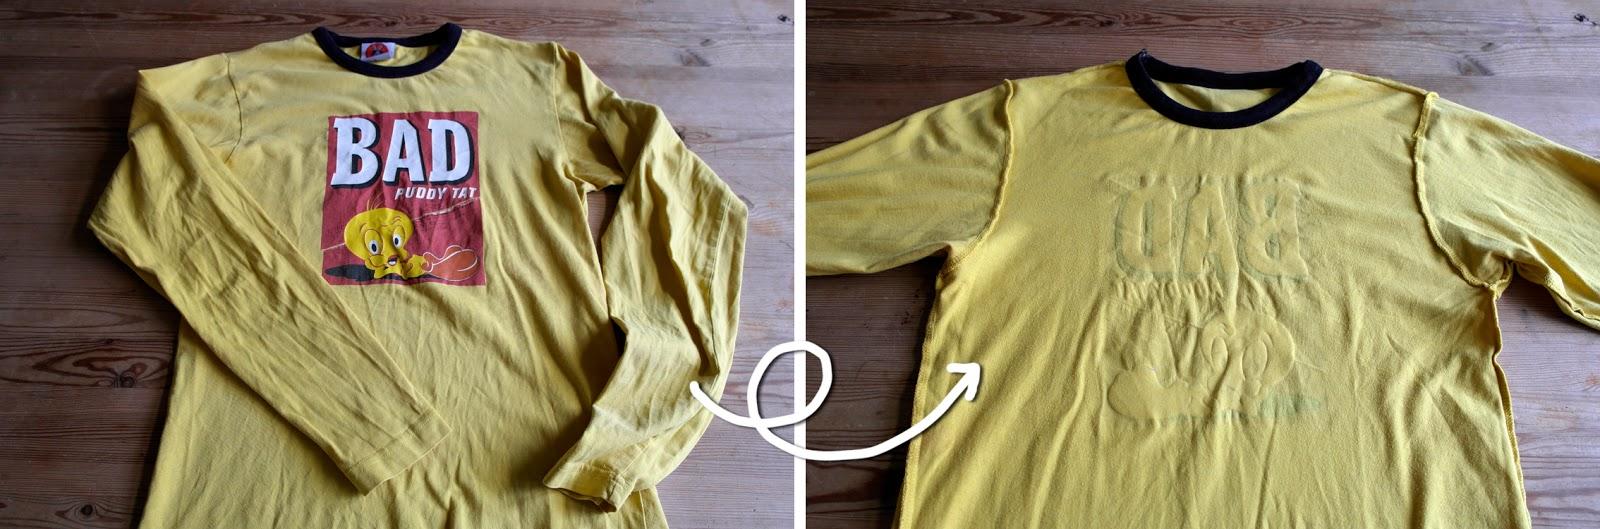 T Taszonder Shirt Te DmmuDiy Naaien n80PkOwX